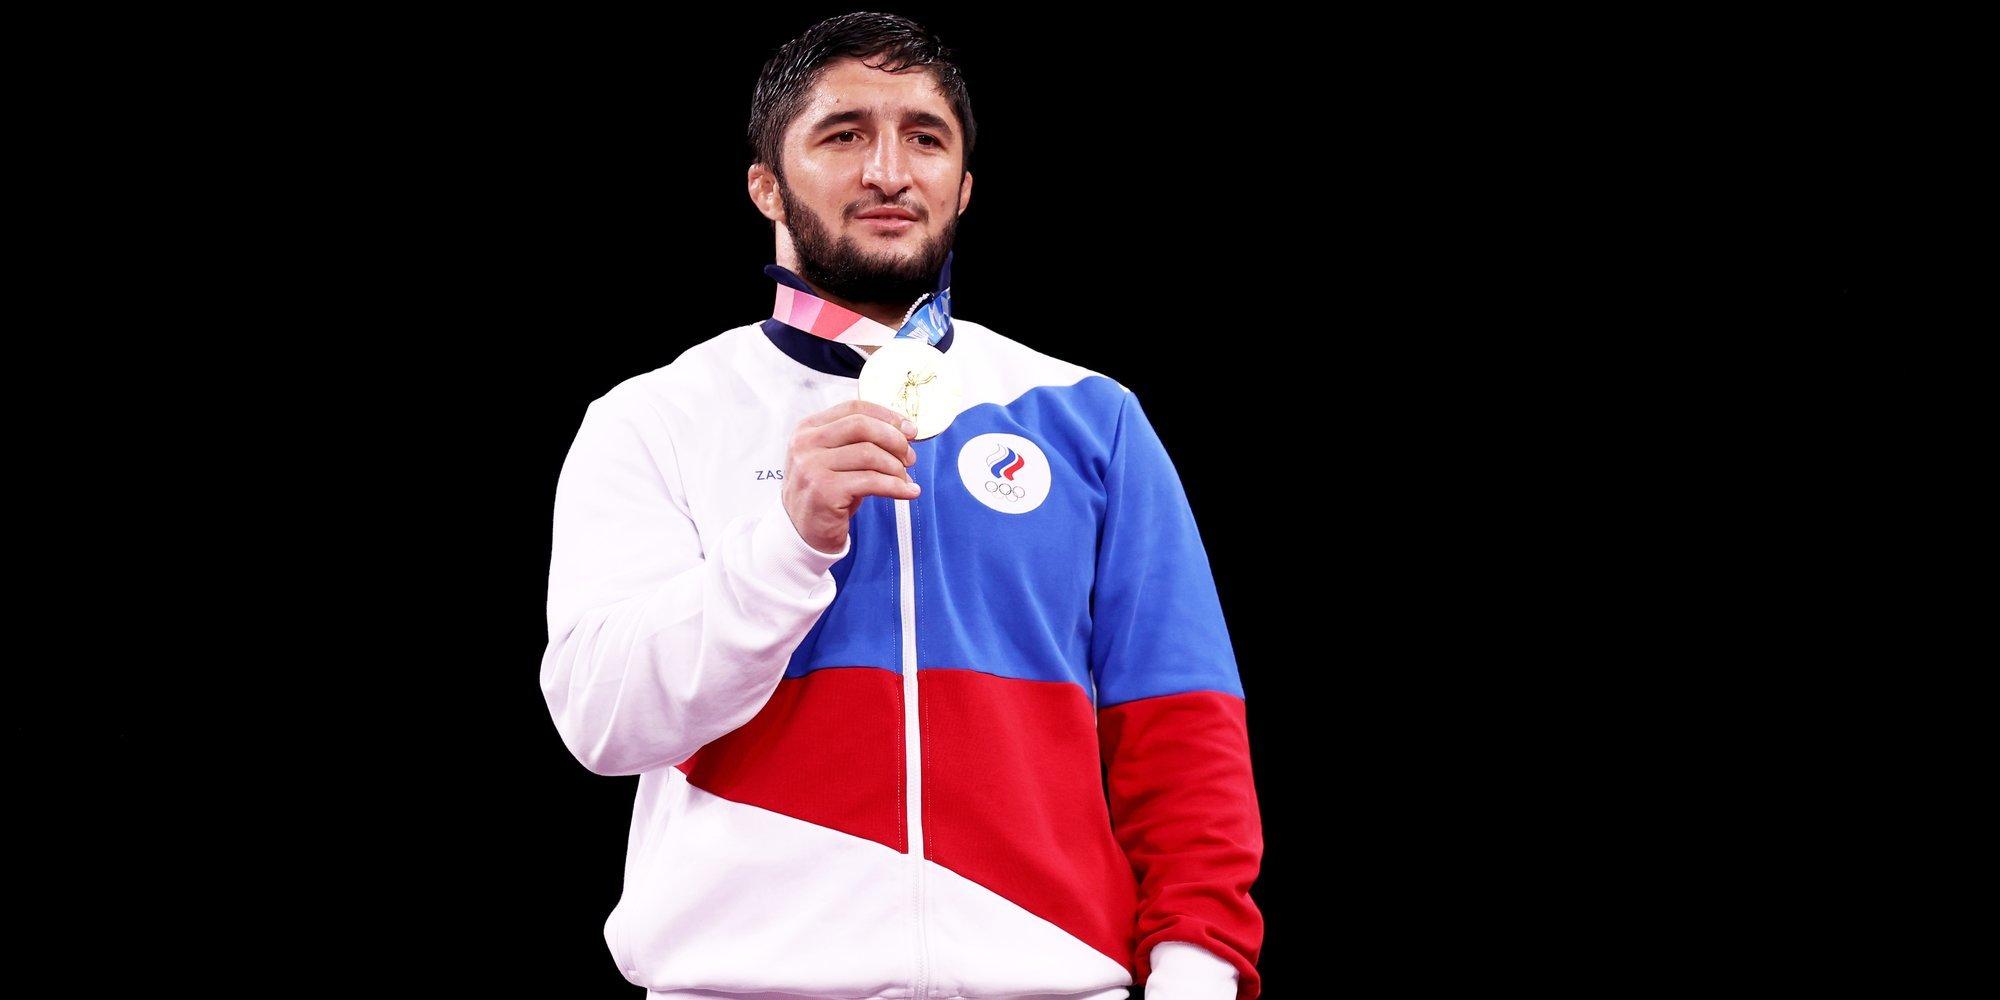 Чемпионы ОИ Садулаев и Евлоев вошли в список участников ЧМ по борьбе